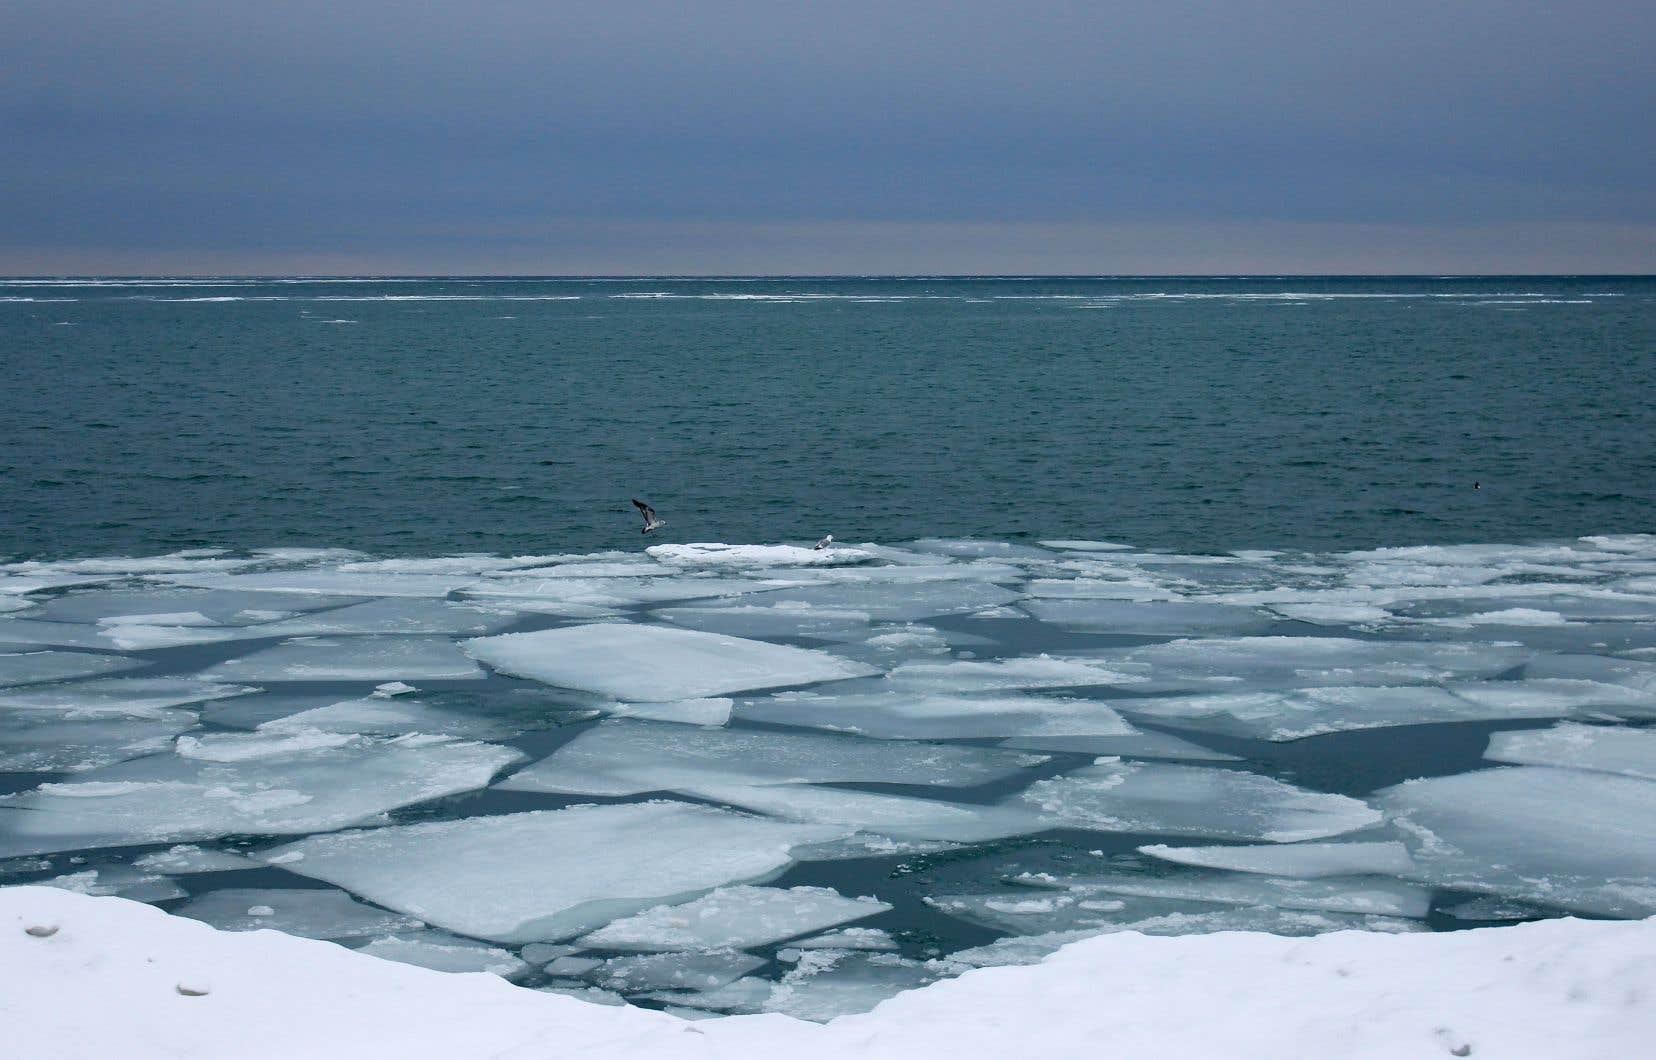 La route du PEC l'hiver, c'est aussi les glaces qui se détachent de la rive du majestueux lac Ontario, qui prend une couleur bleu-gris